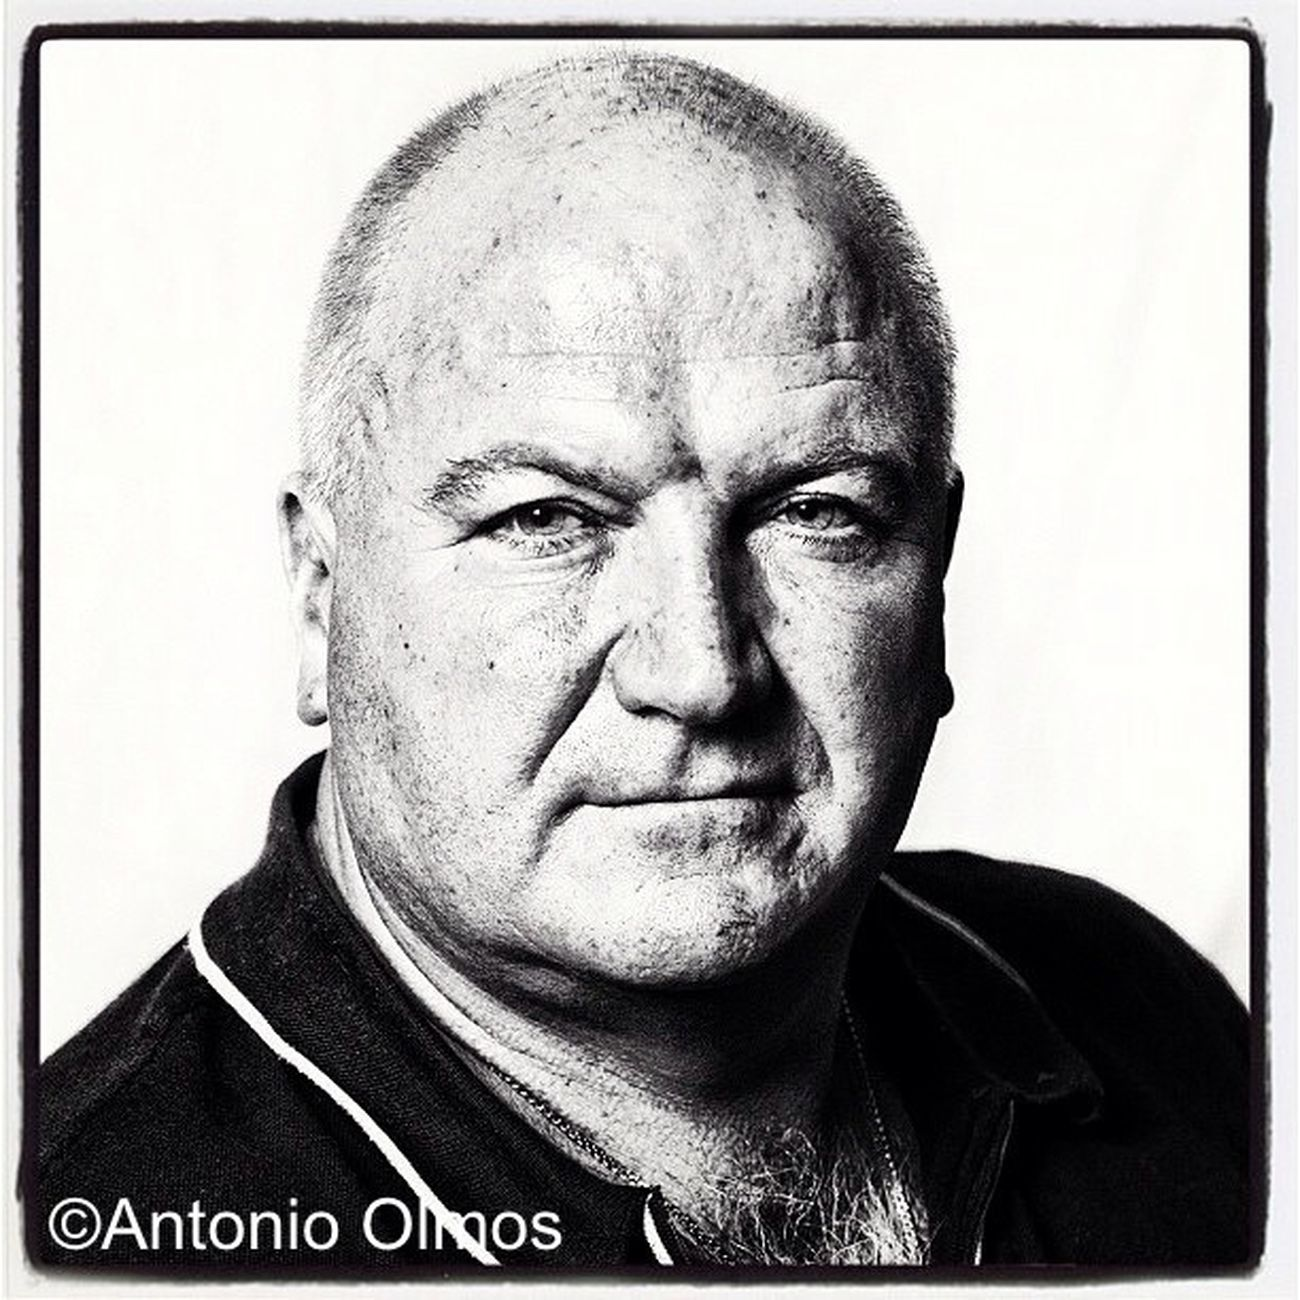 Bob Crow, Trade Union Leader, photographed by Antonio Olmos